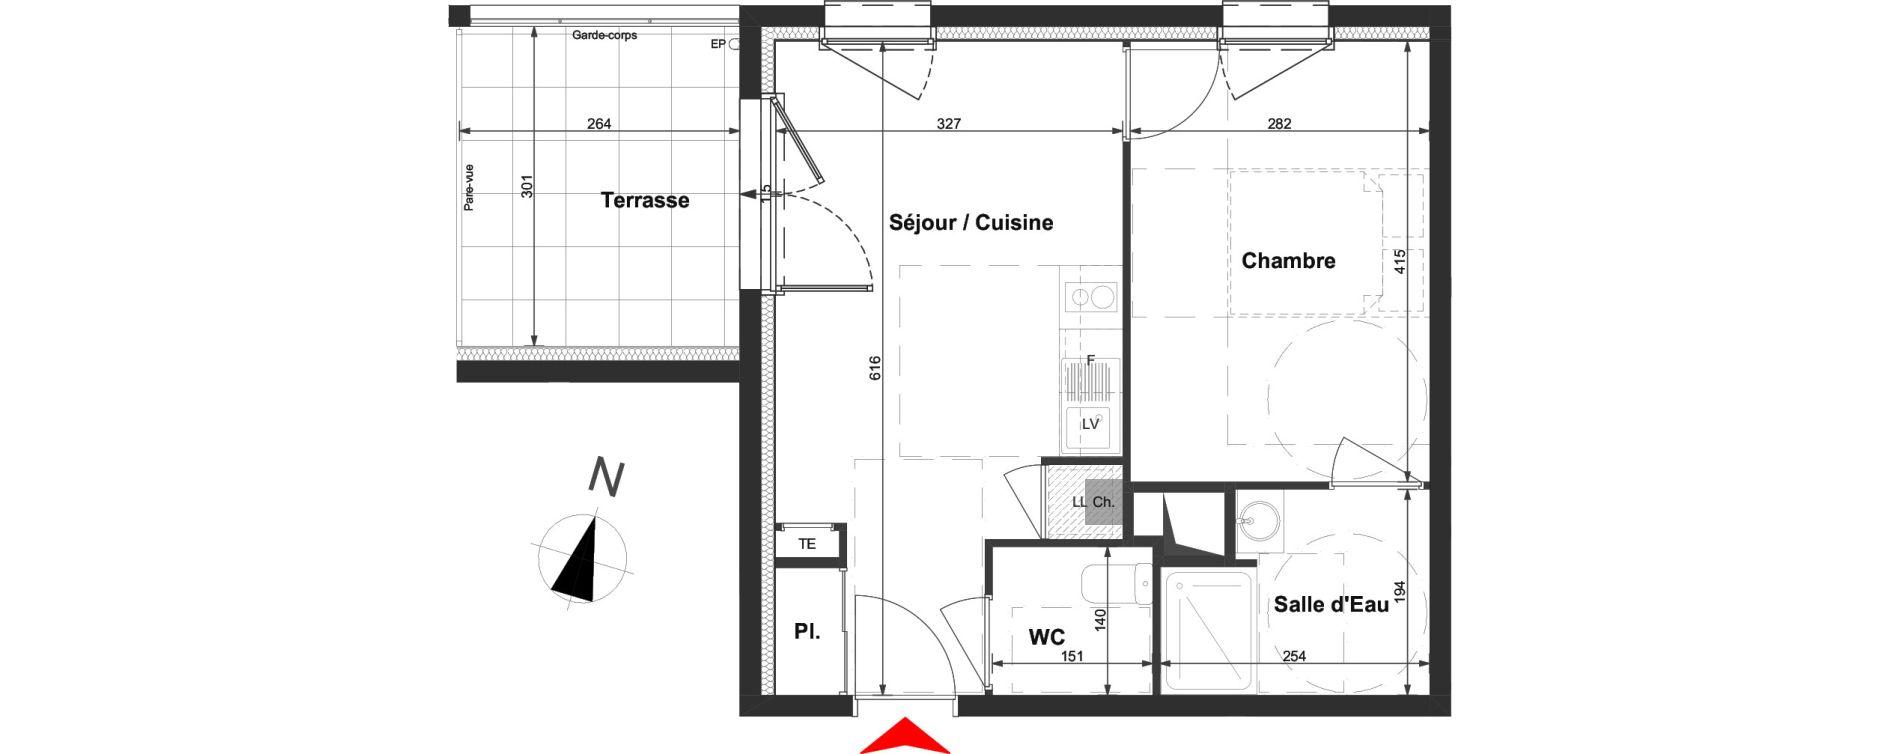 Appartement T2 de 36,11 m2 à La Roche-Sur-Yon La vigne aux roses